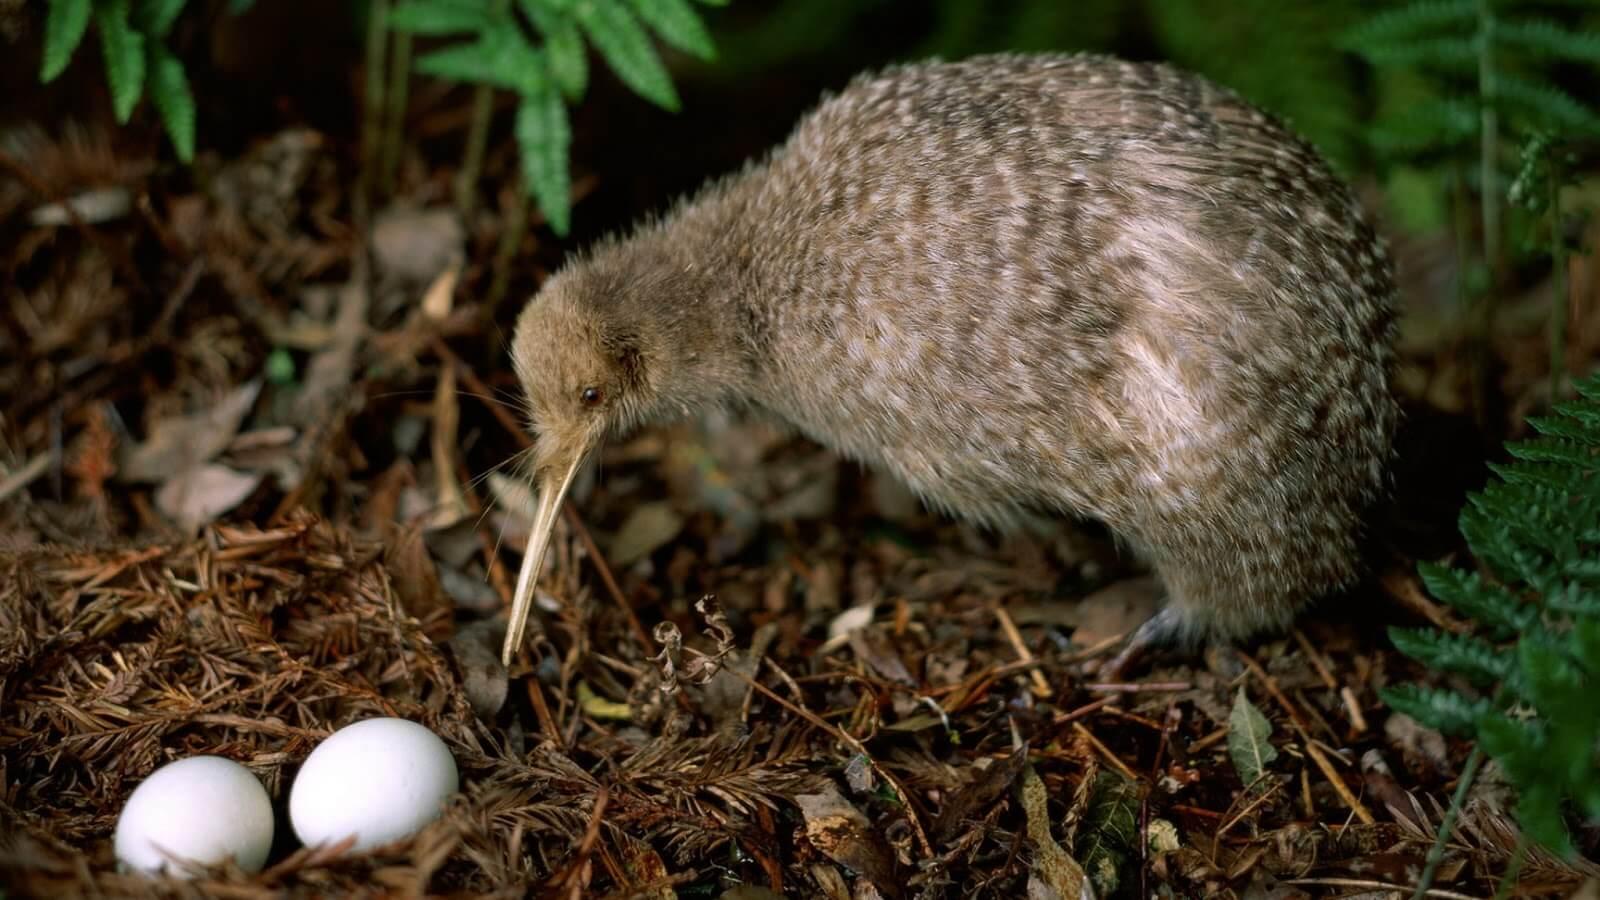 Chim kiwi và tổ trứng